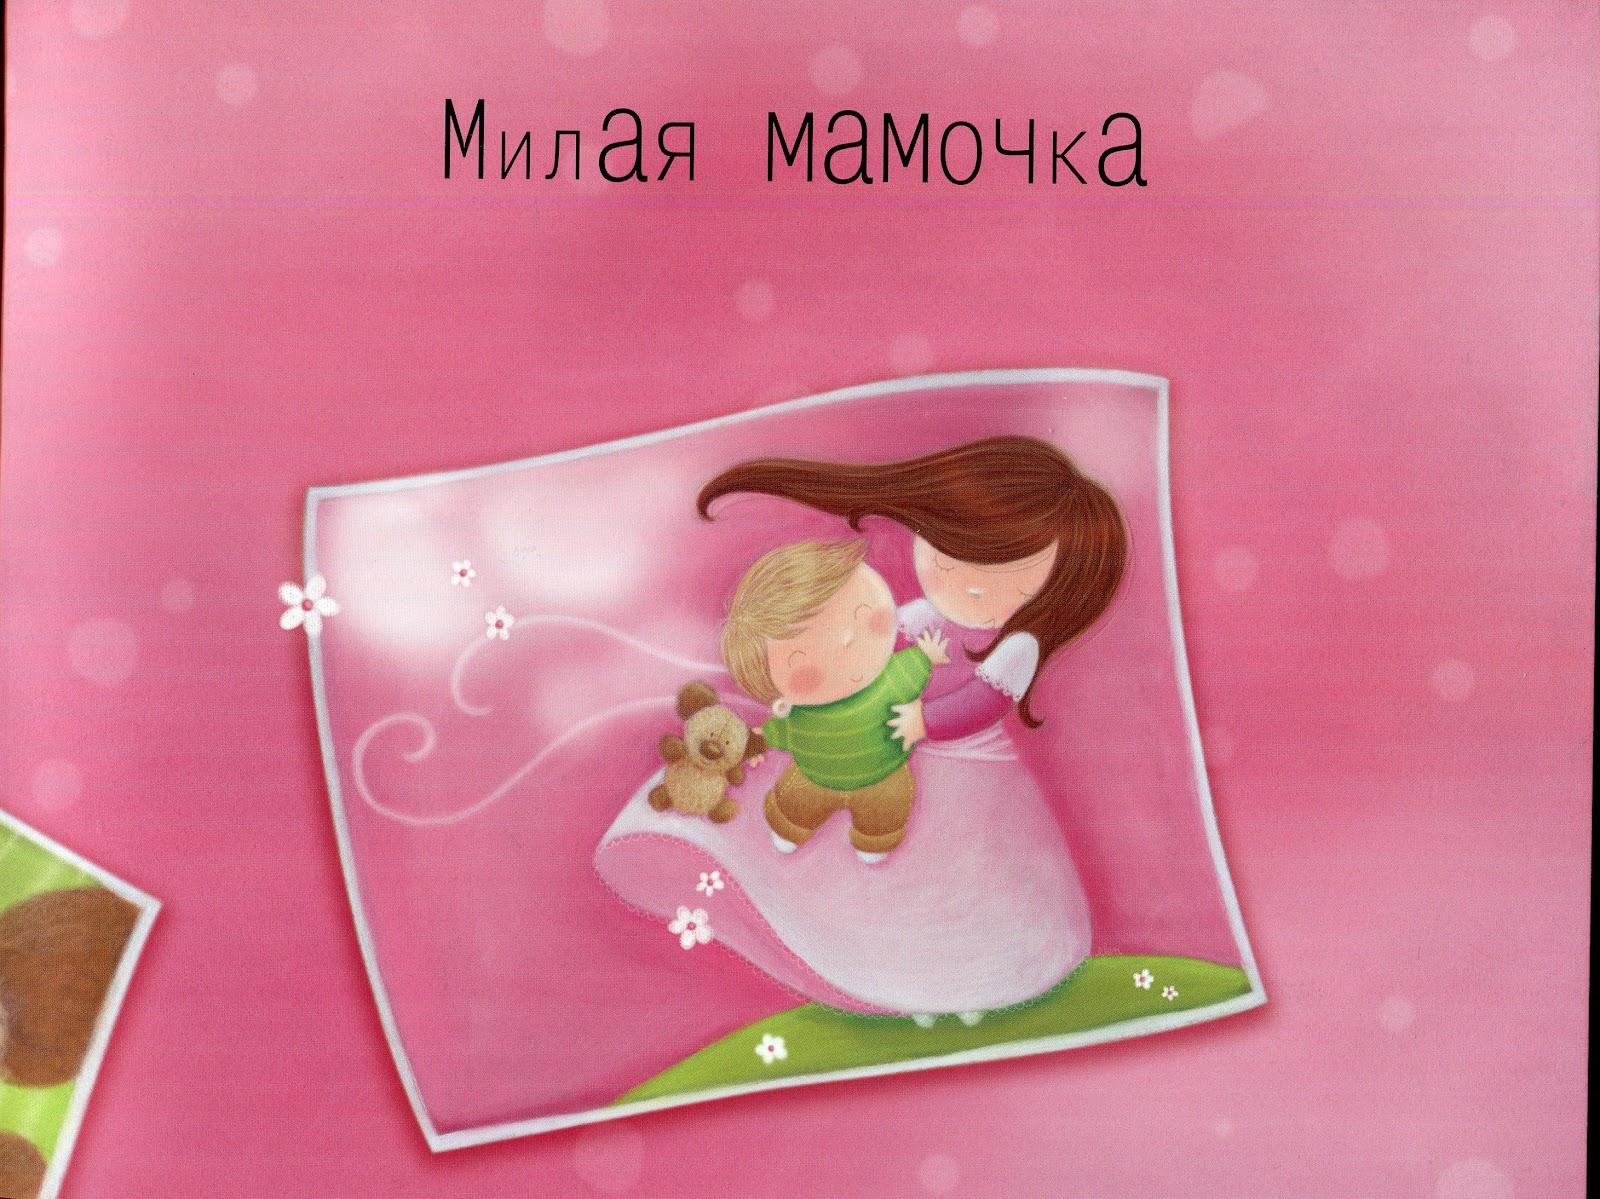 mamochka-milfa